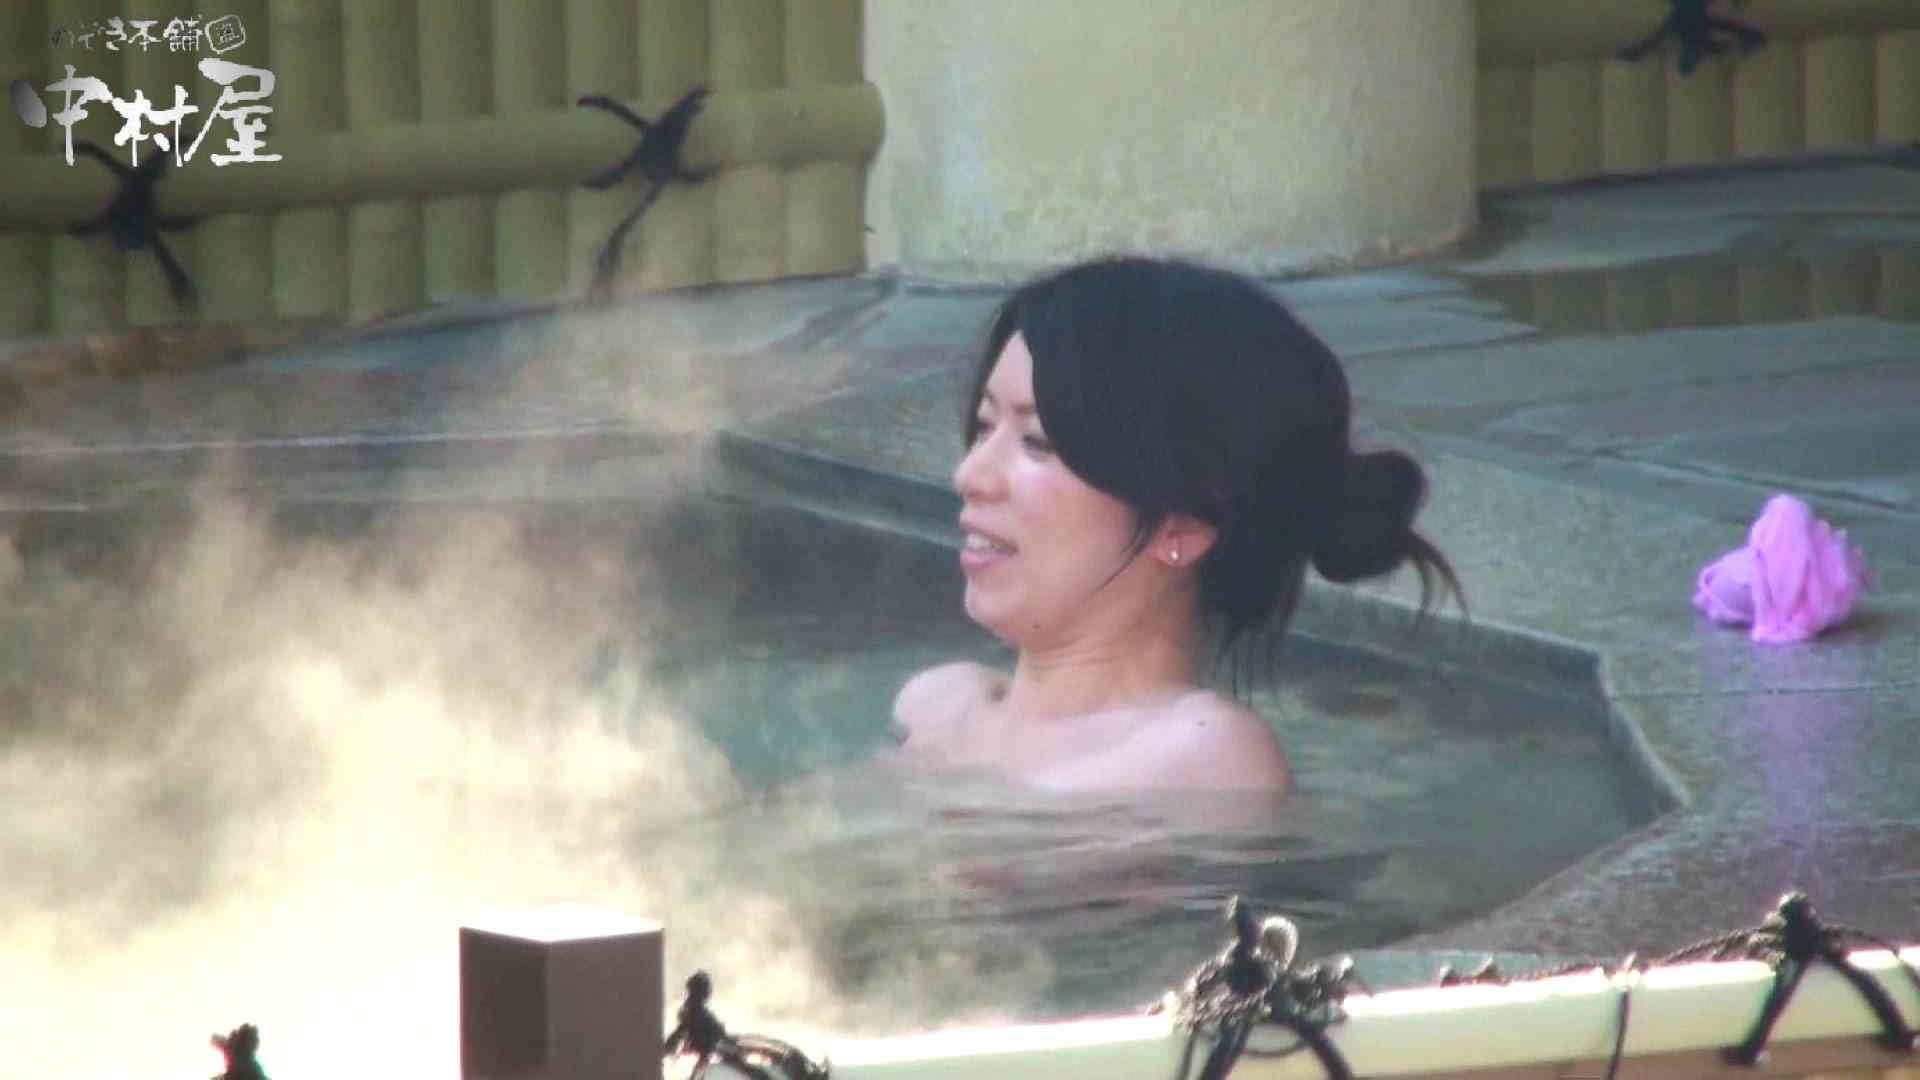 Aquaな露天風呂Vol.919 露天   盗撮  65枚 22